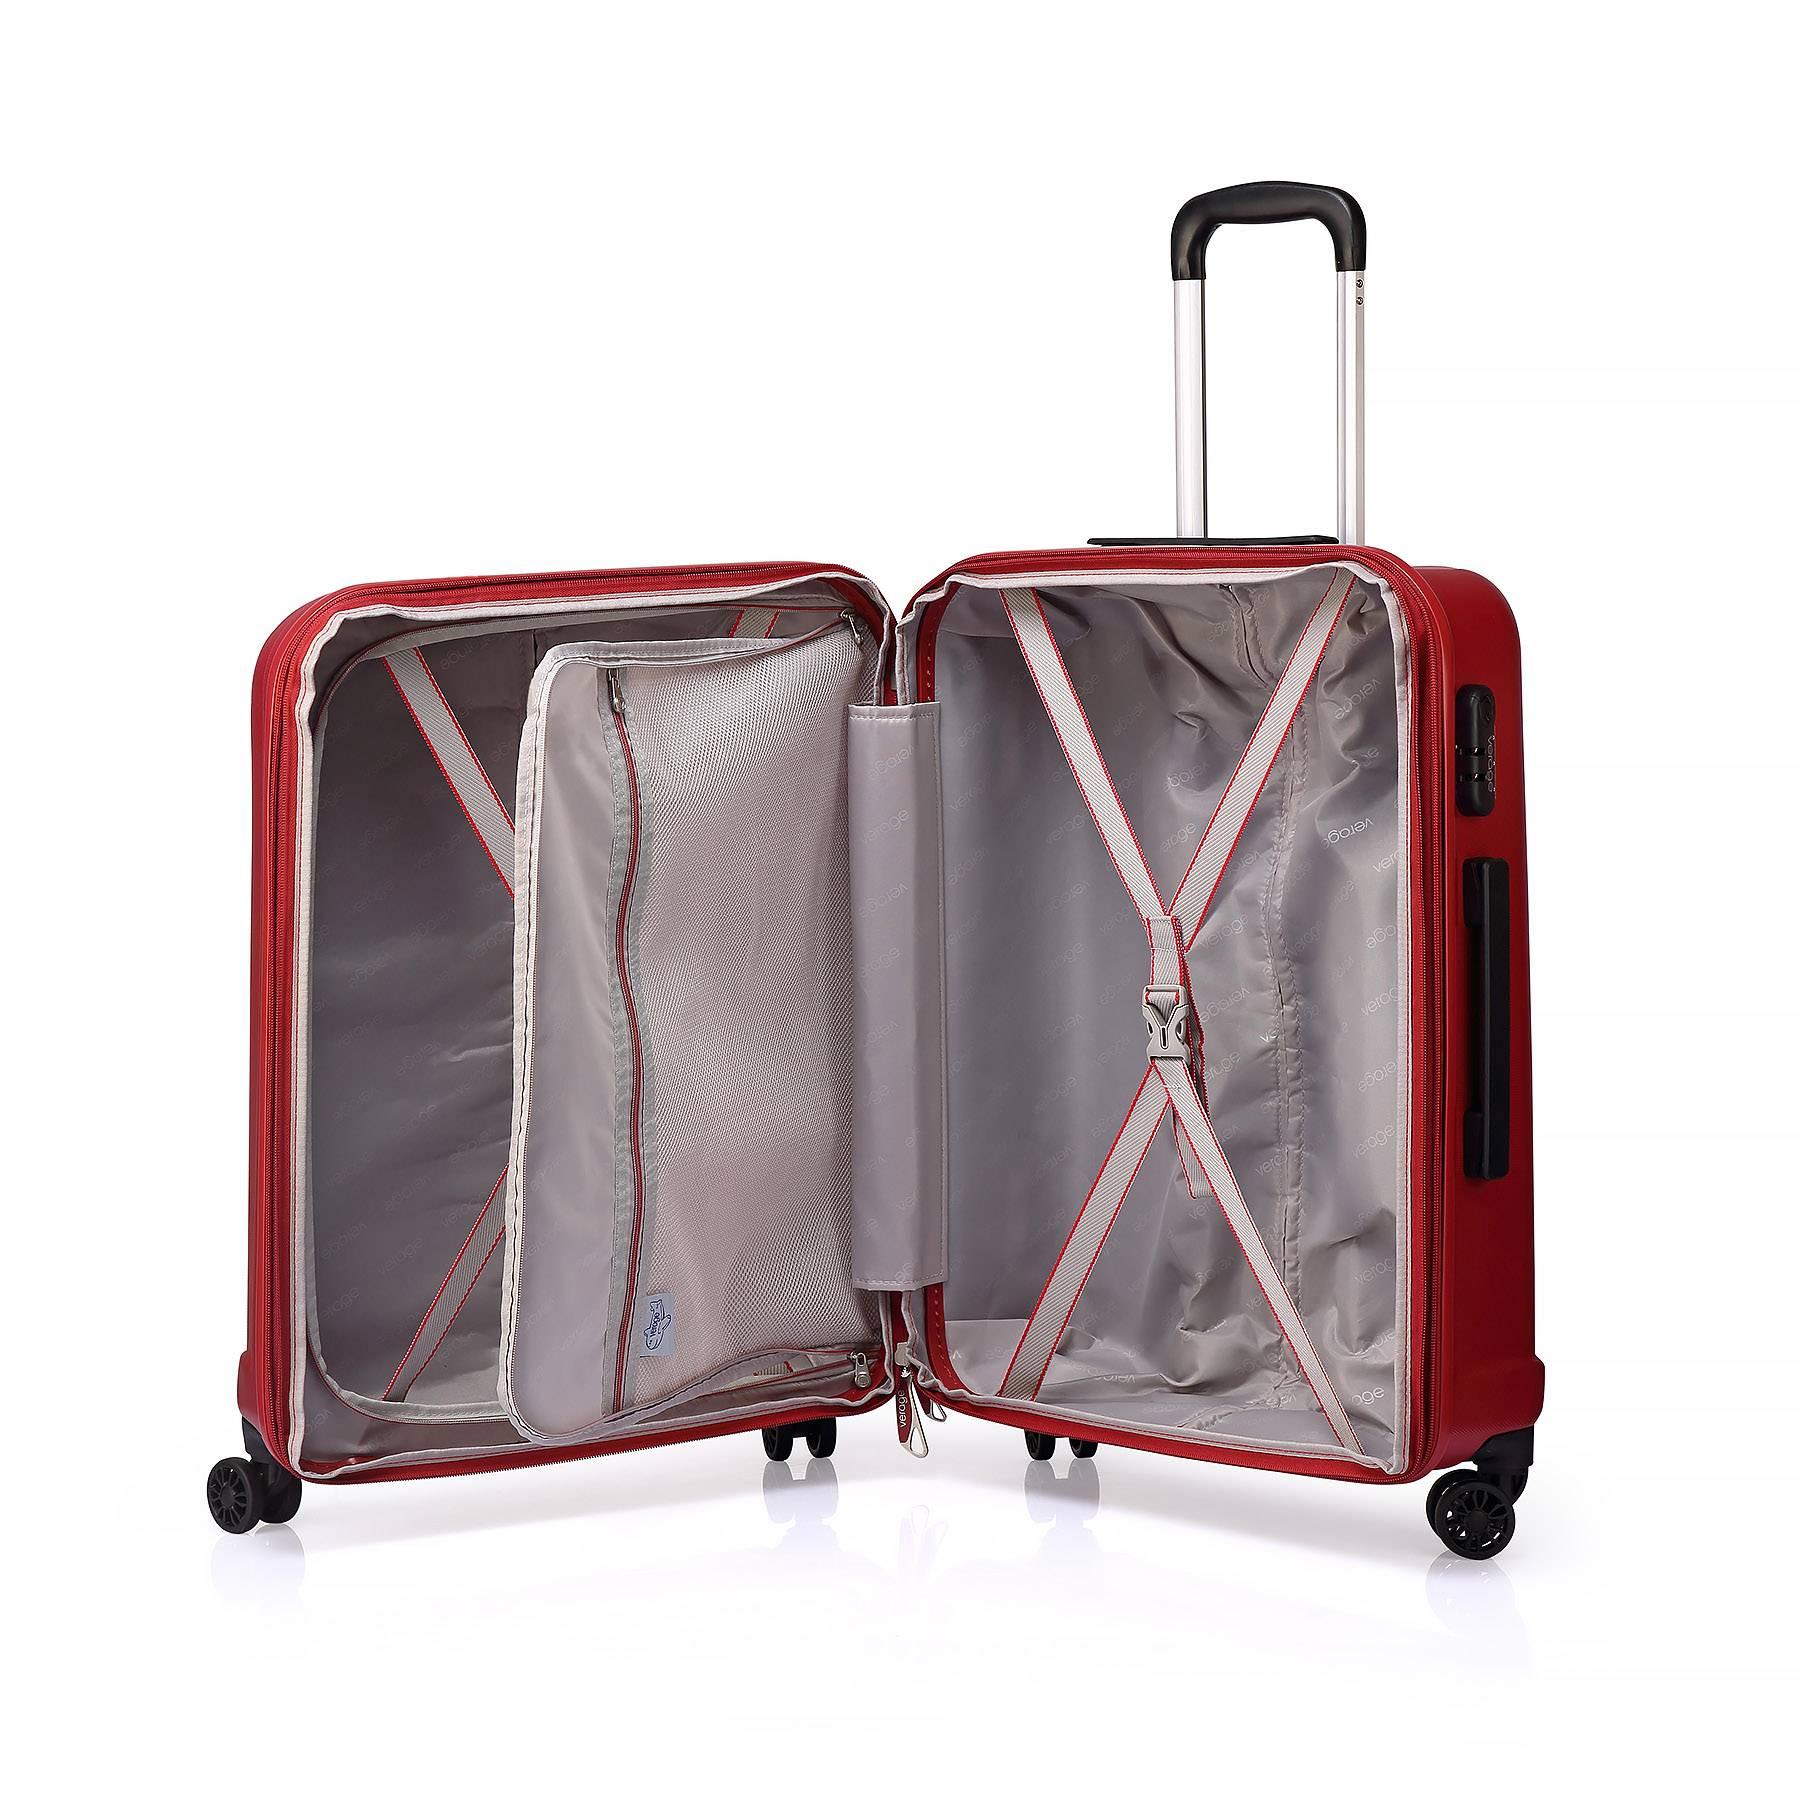 Строение чемодана какой выбрать 2 колеса или 4 колеса